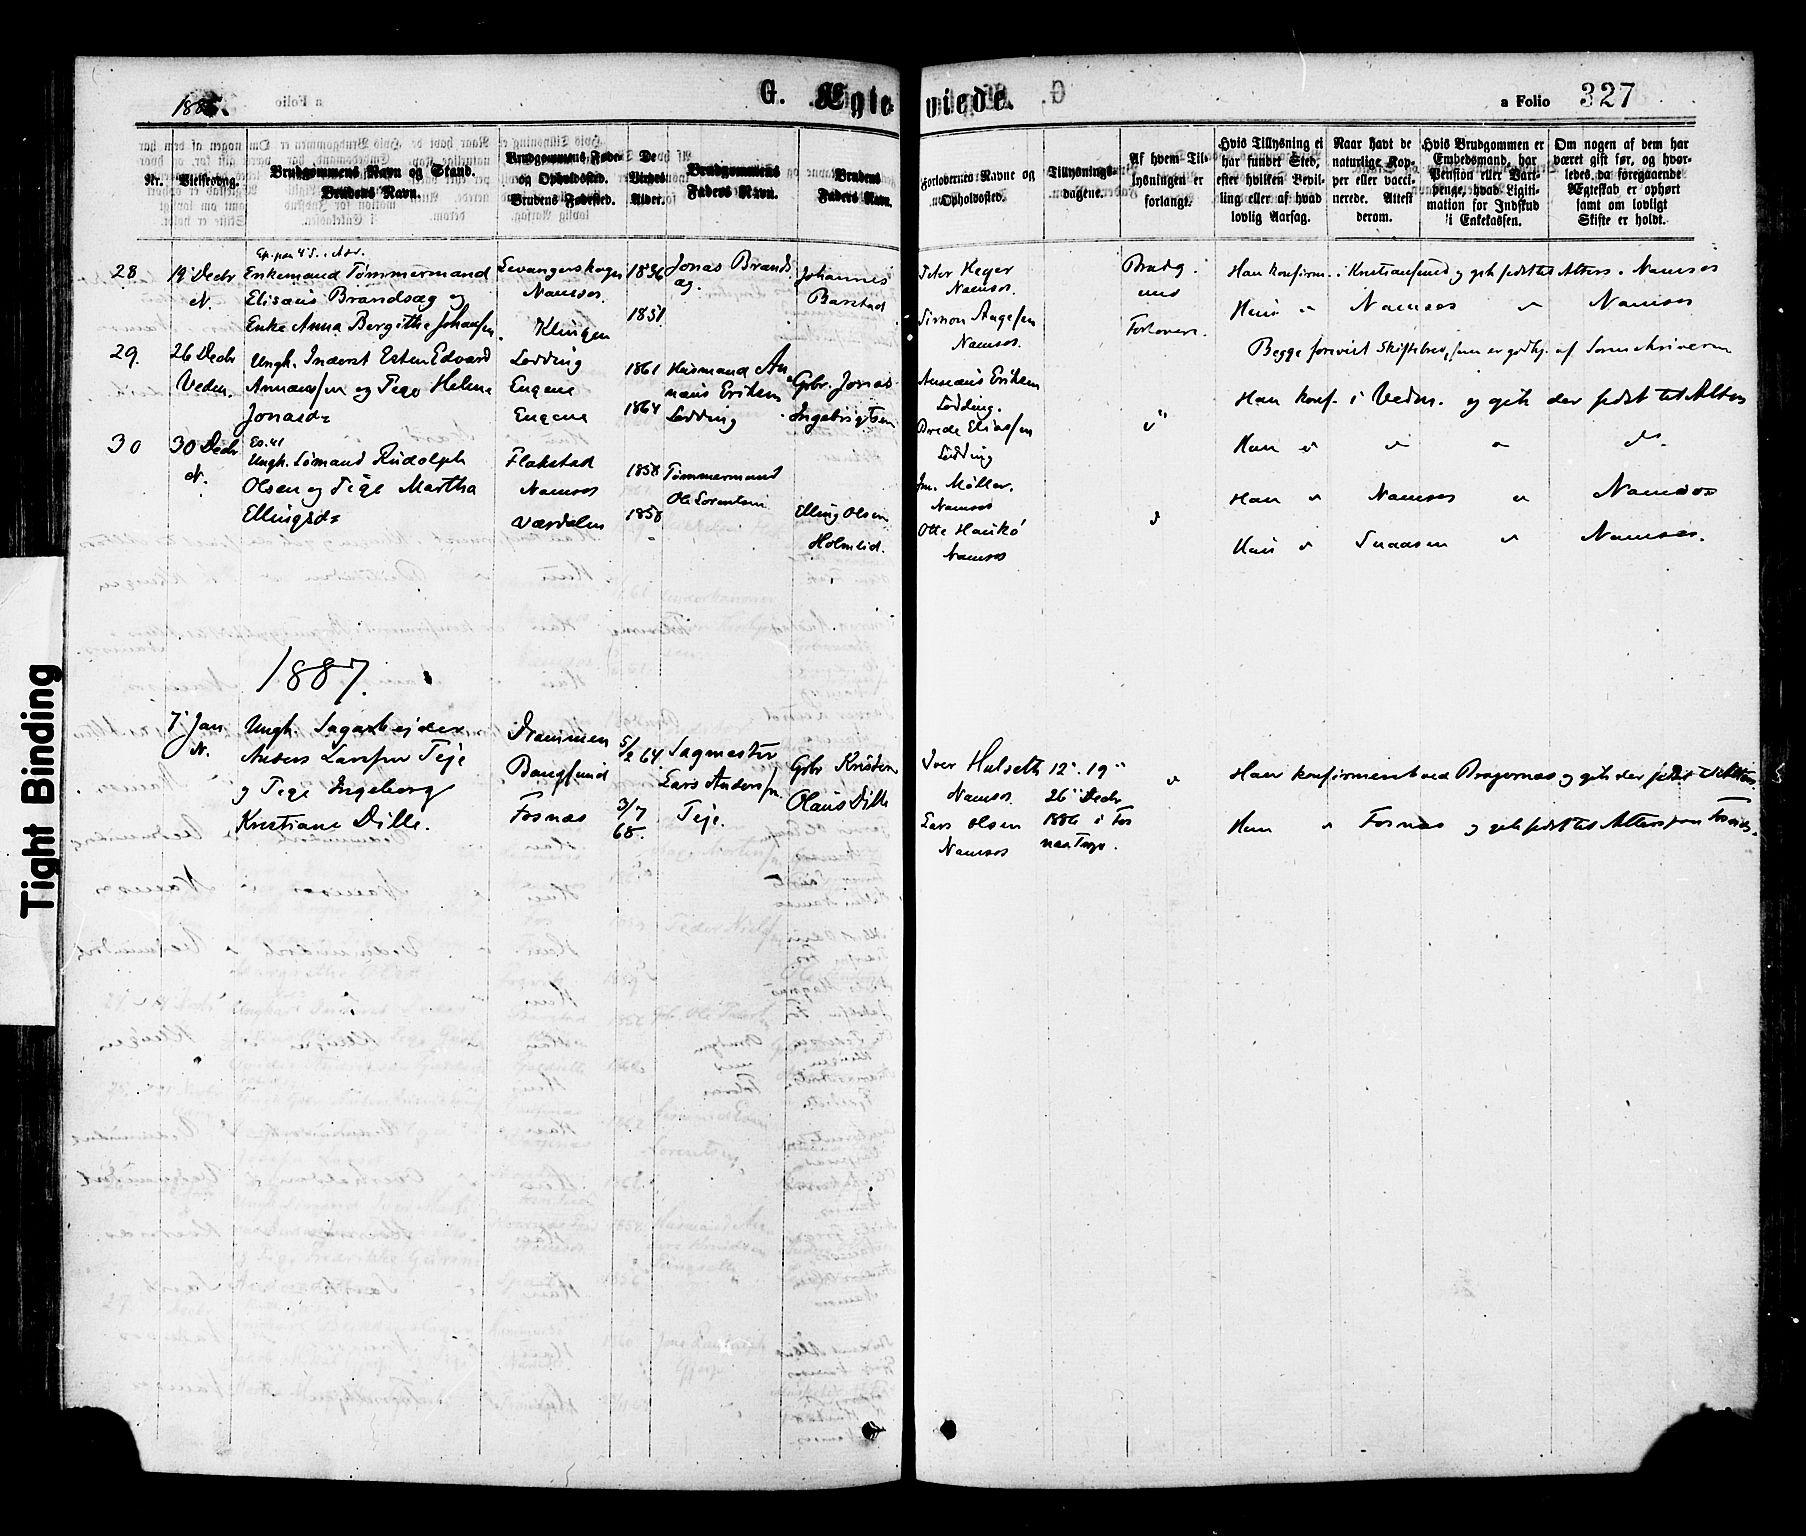 SAT, Ministerialprotokoller, klokkerbøker og fødselsregistre - Nord-Trøndelag, 768/L0572: Ministerialbok nr. 768A07, 1874-1886, s. 327